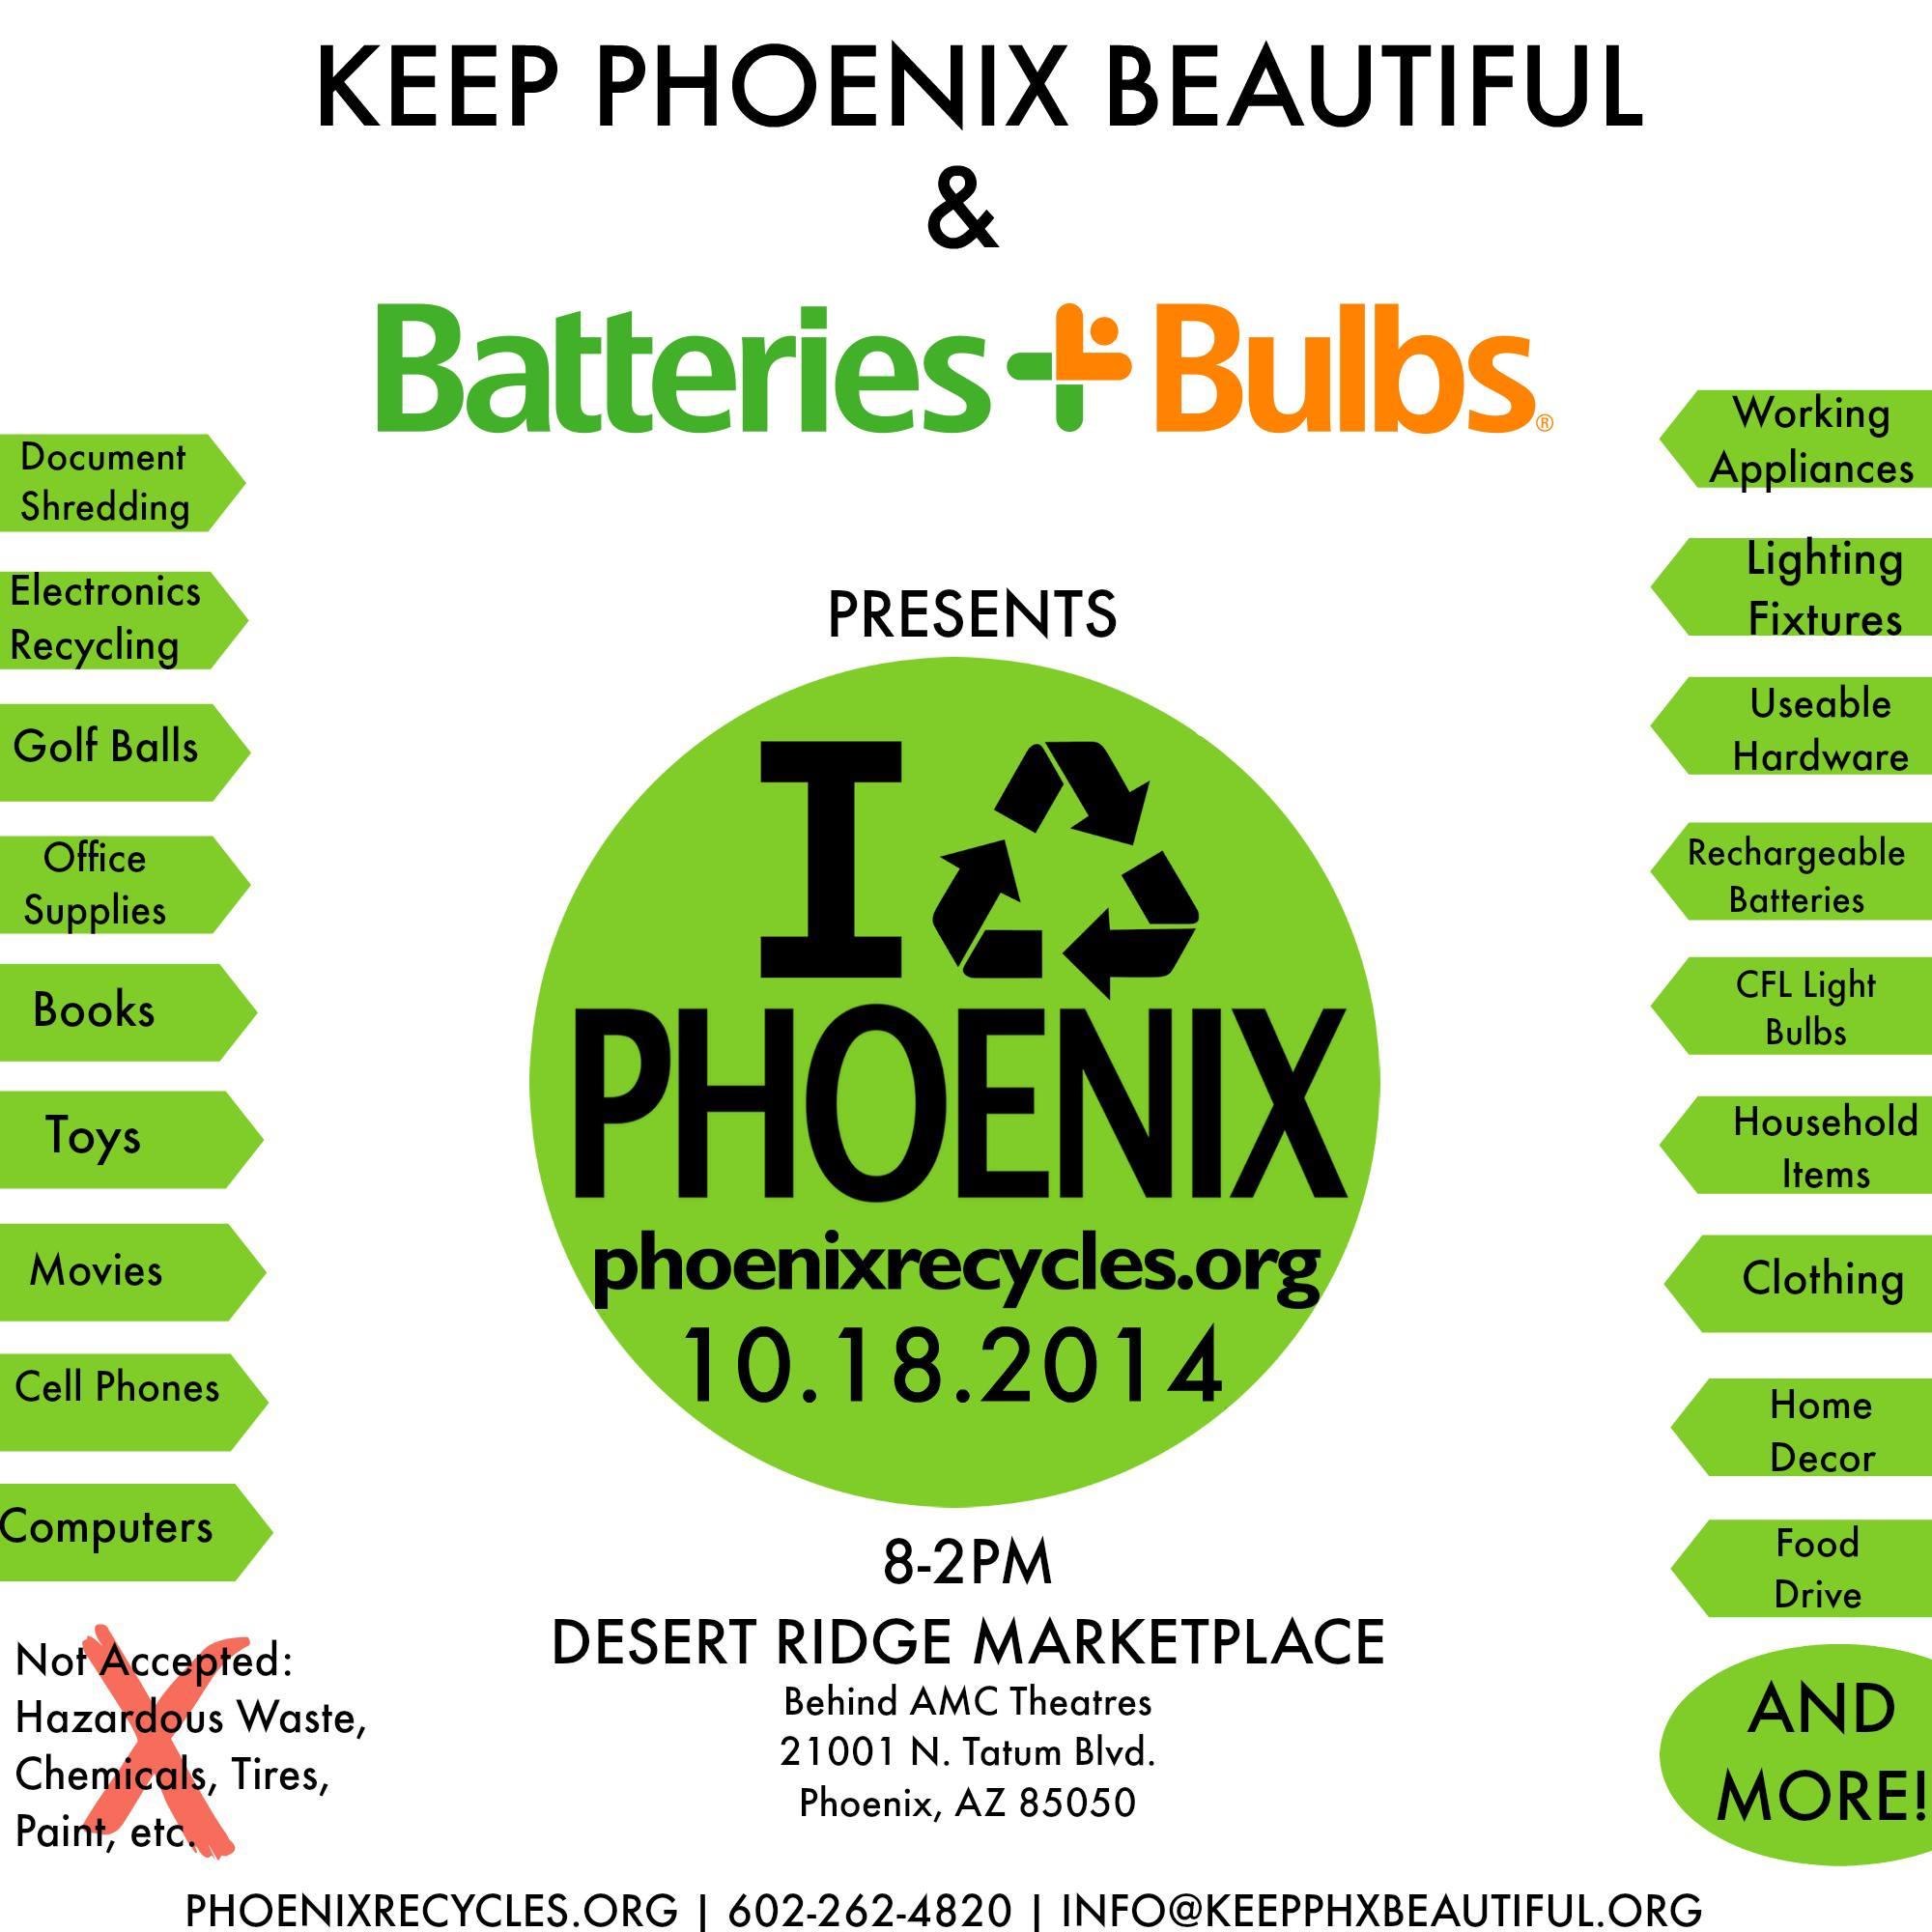 Batteries Plus Bulbs 3014 N Dobson Rd Suite 2, Chandler